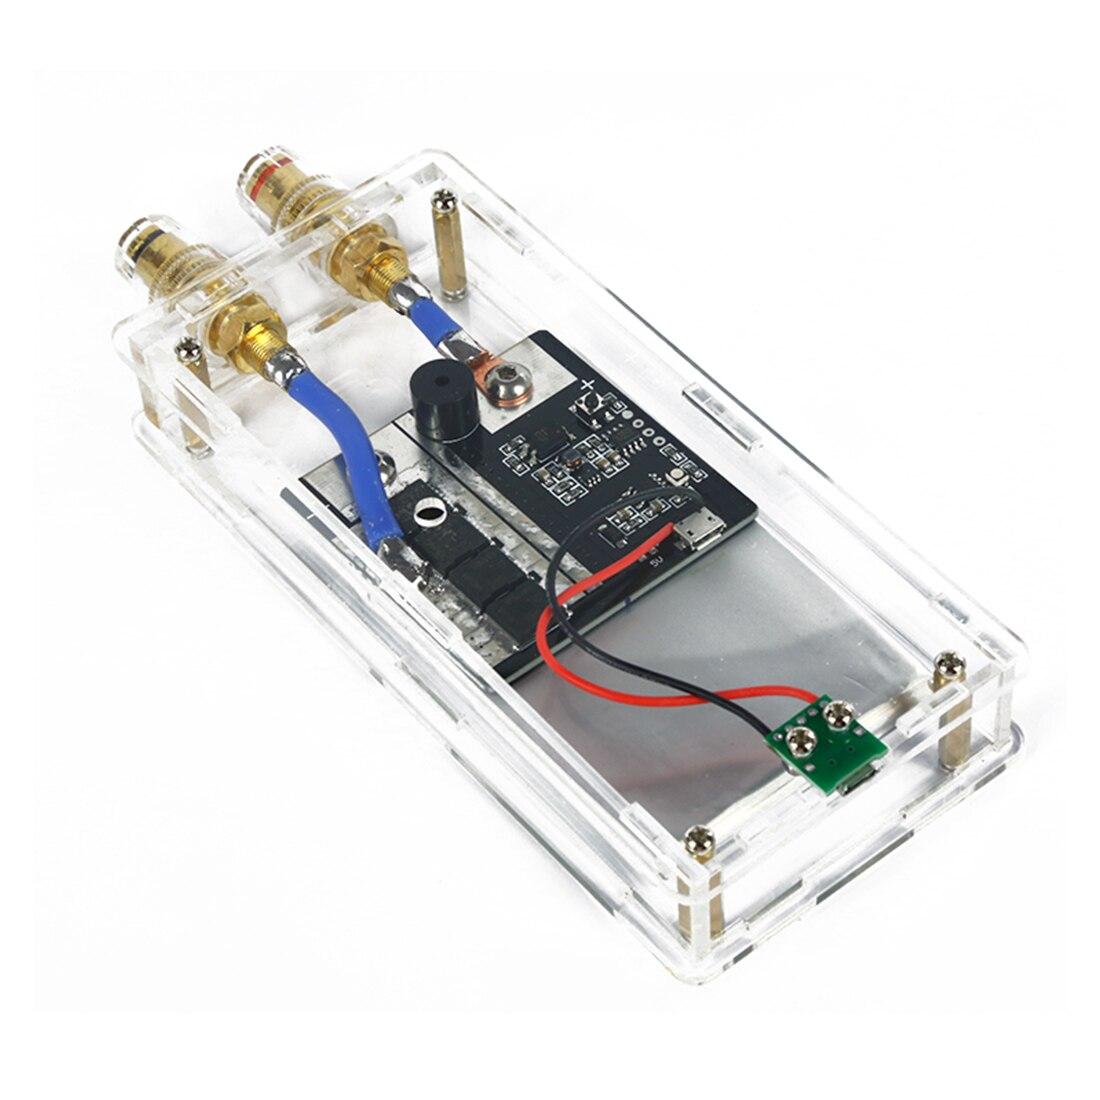 DIY Portable Spot Welder Nickel Sheet Fara Capacitor Spot Welder For 12V Power Supply For Kids Development Early Education Toys